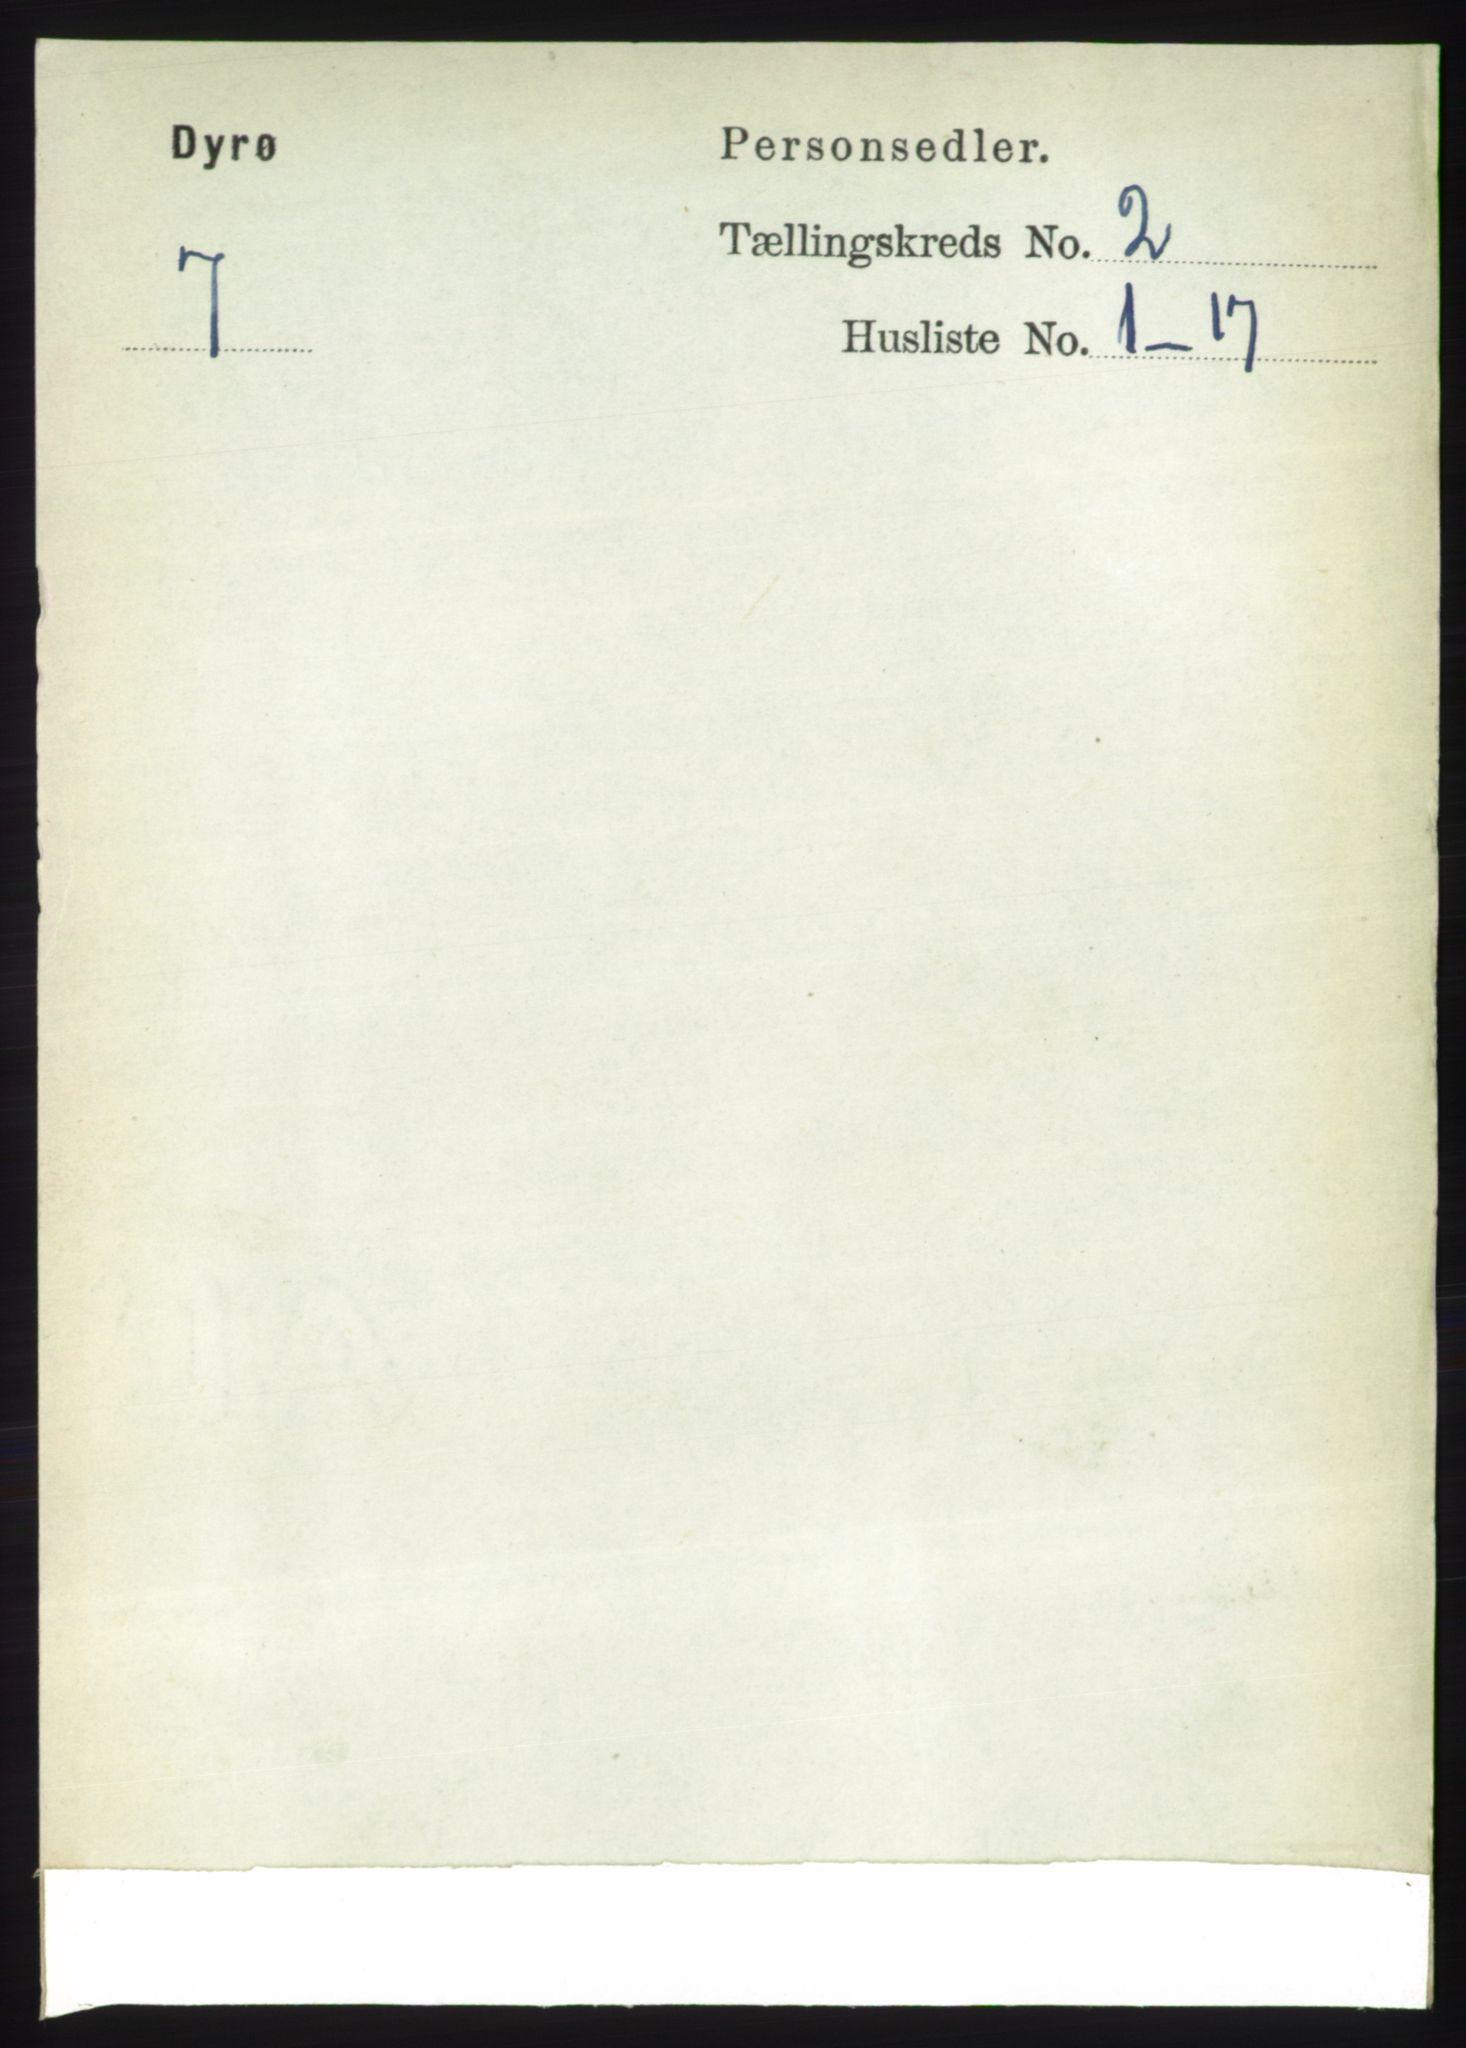 RA, Folketelling 1891 for 1926 Dyrøy herred, 1891, s. 532